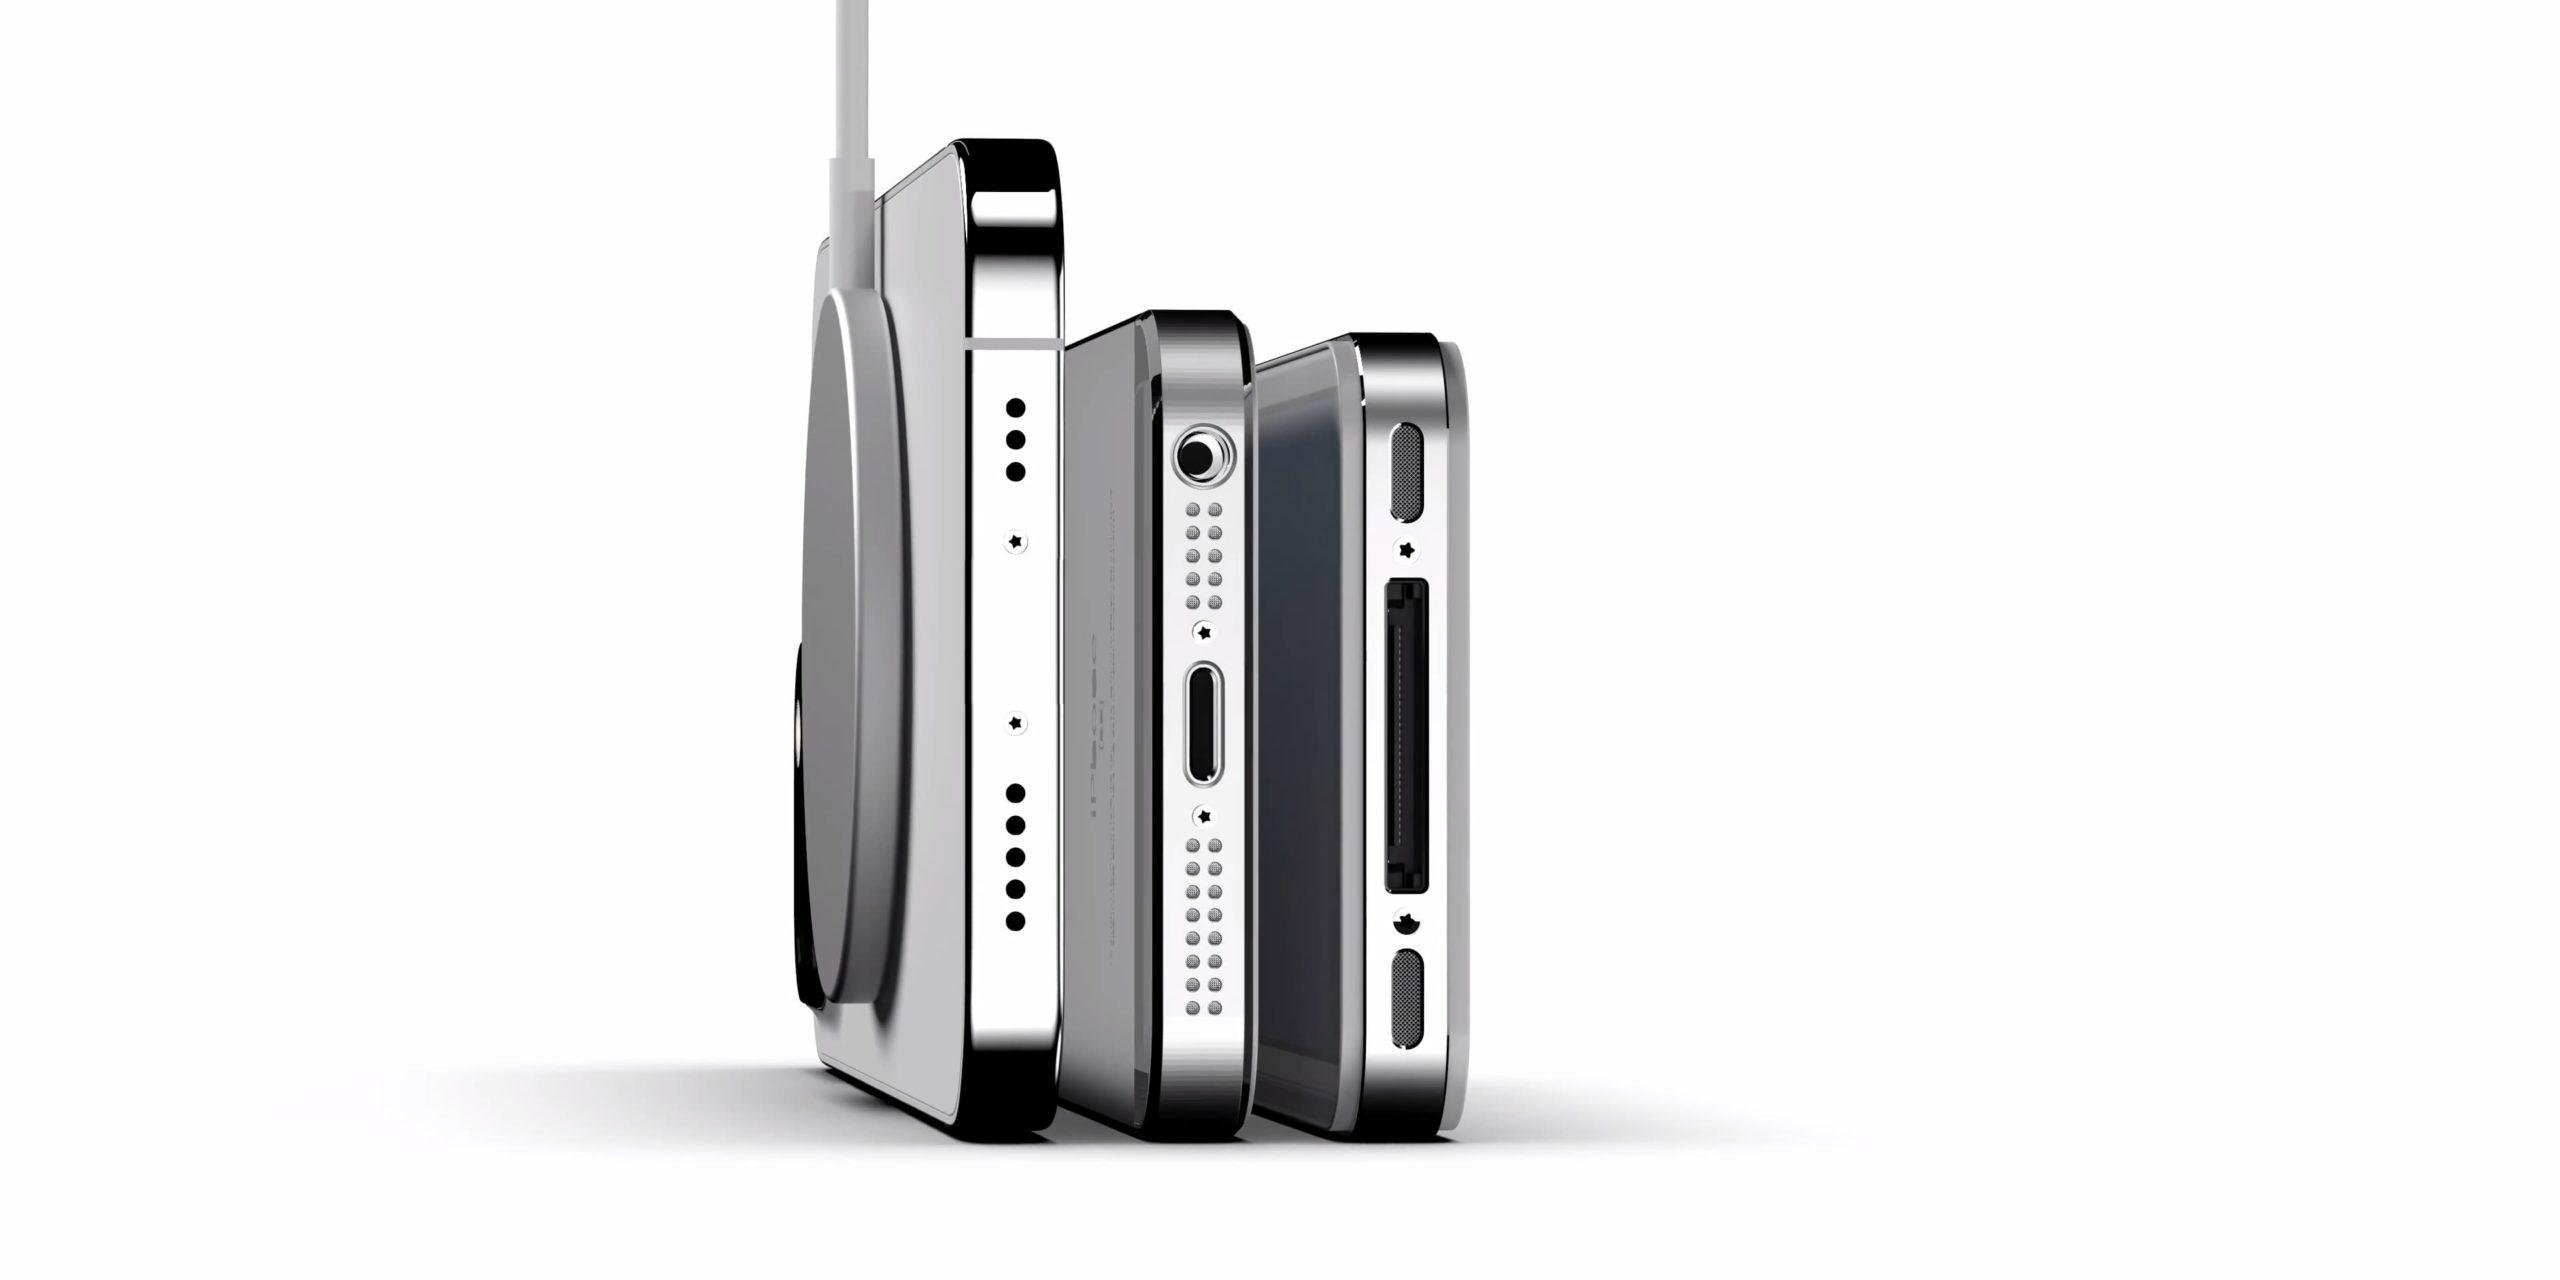 MagSafe 磁吸模組增強改進2